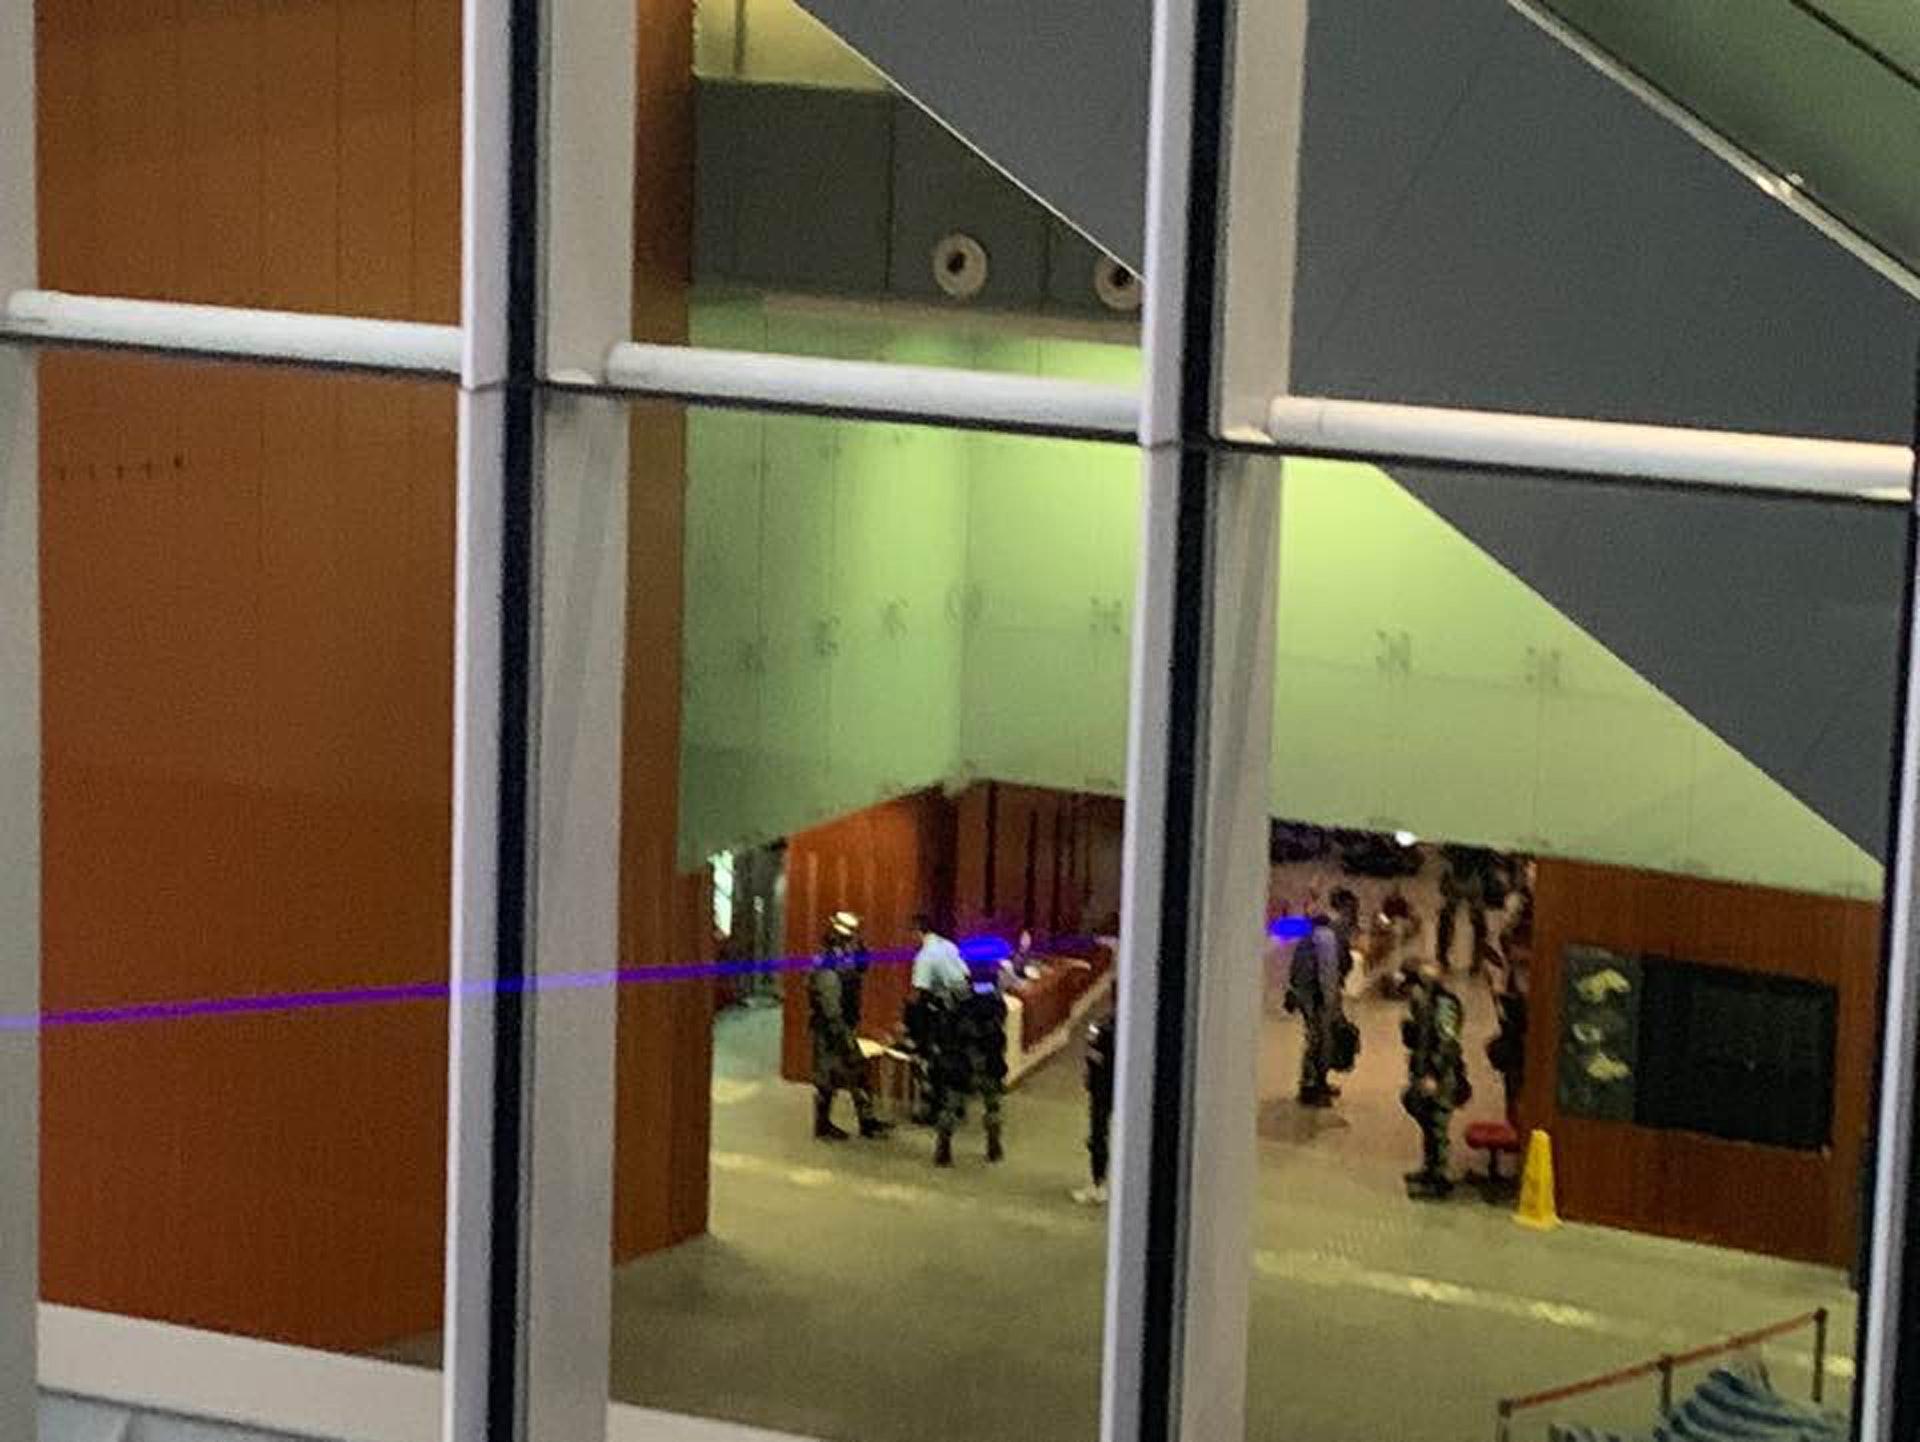 穿上裝備的防暴警察進入立法會大樓。(陳晶琦攝)